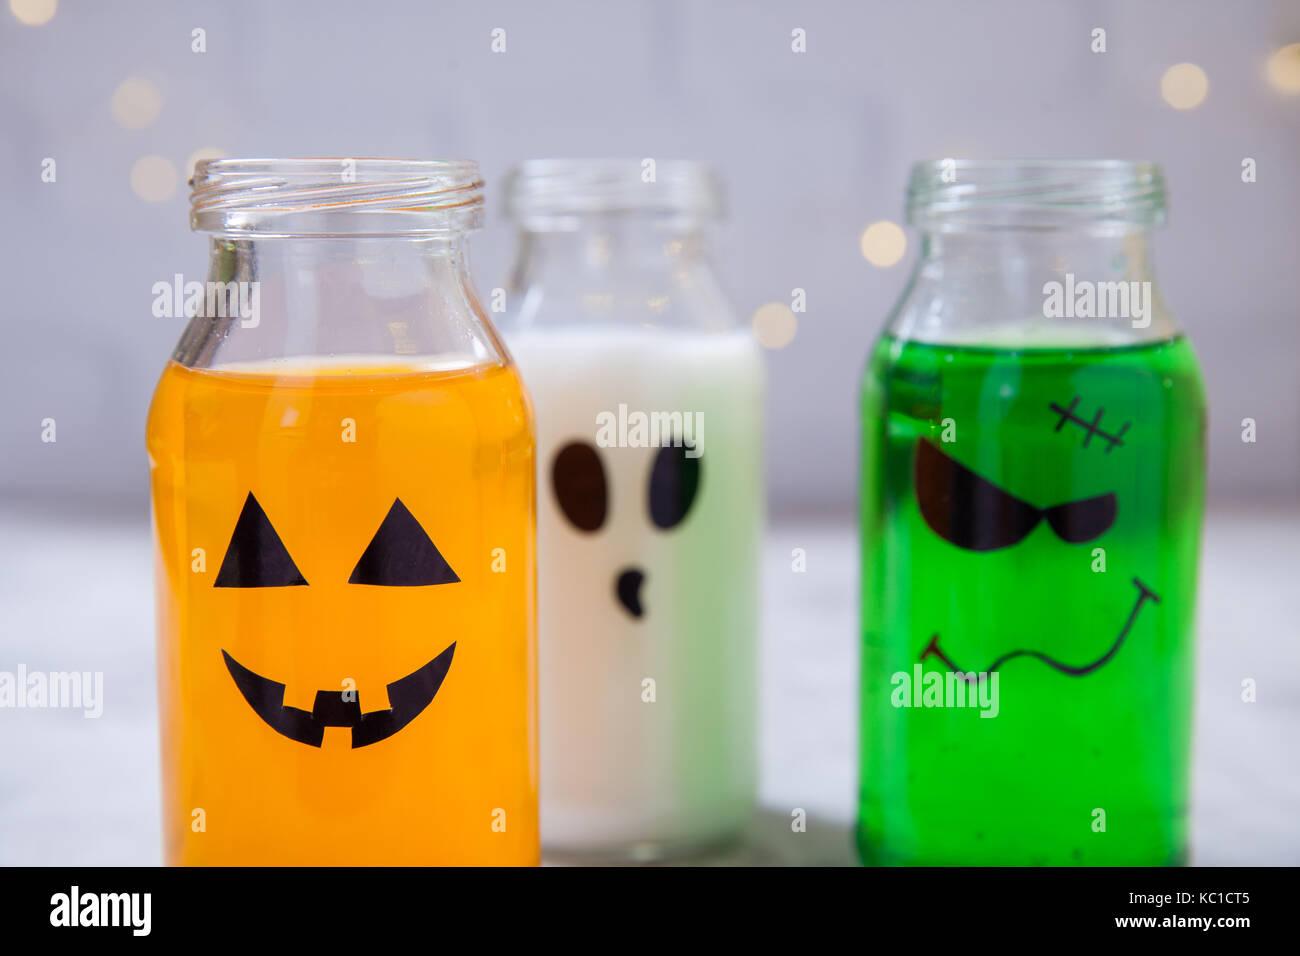 Food Coloring Bottle Stockfotos & Food Coloring Bottle Bilder ...